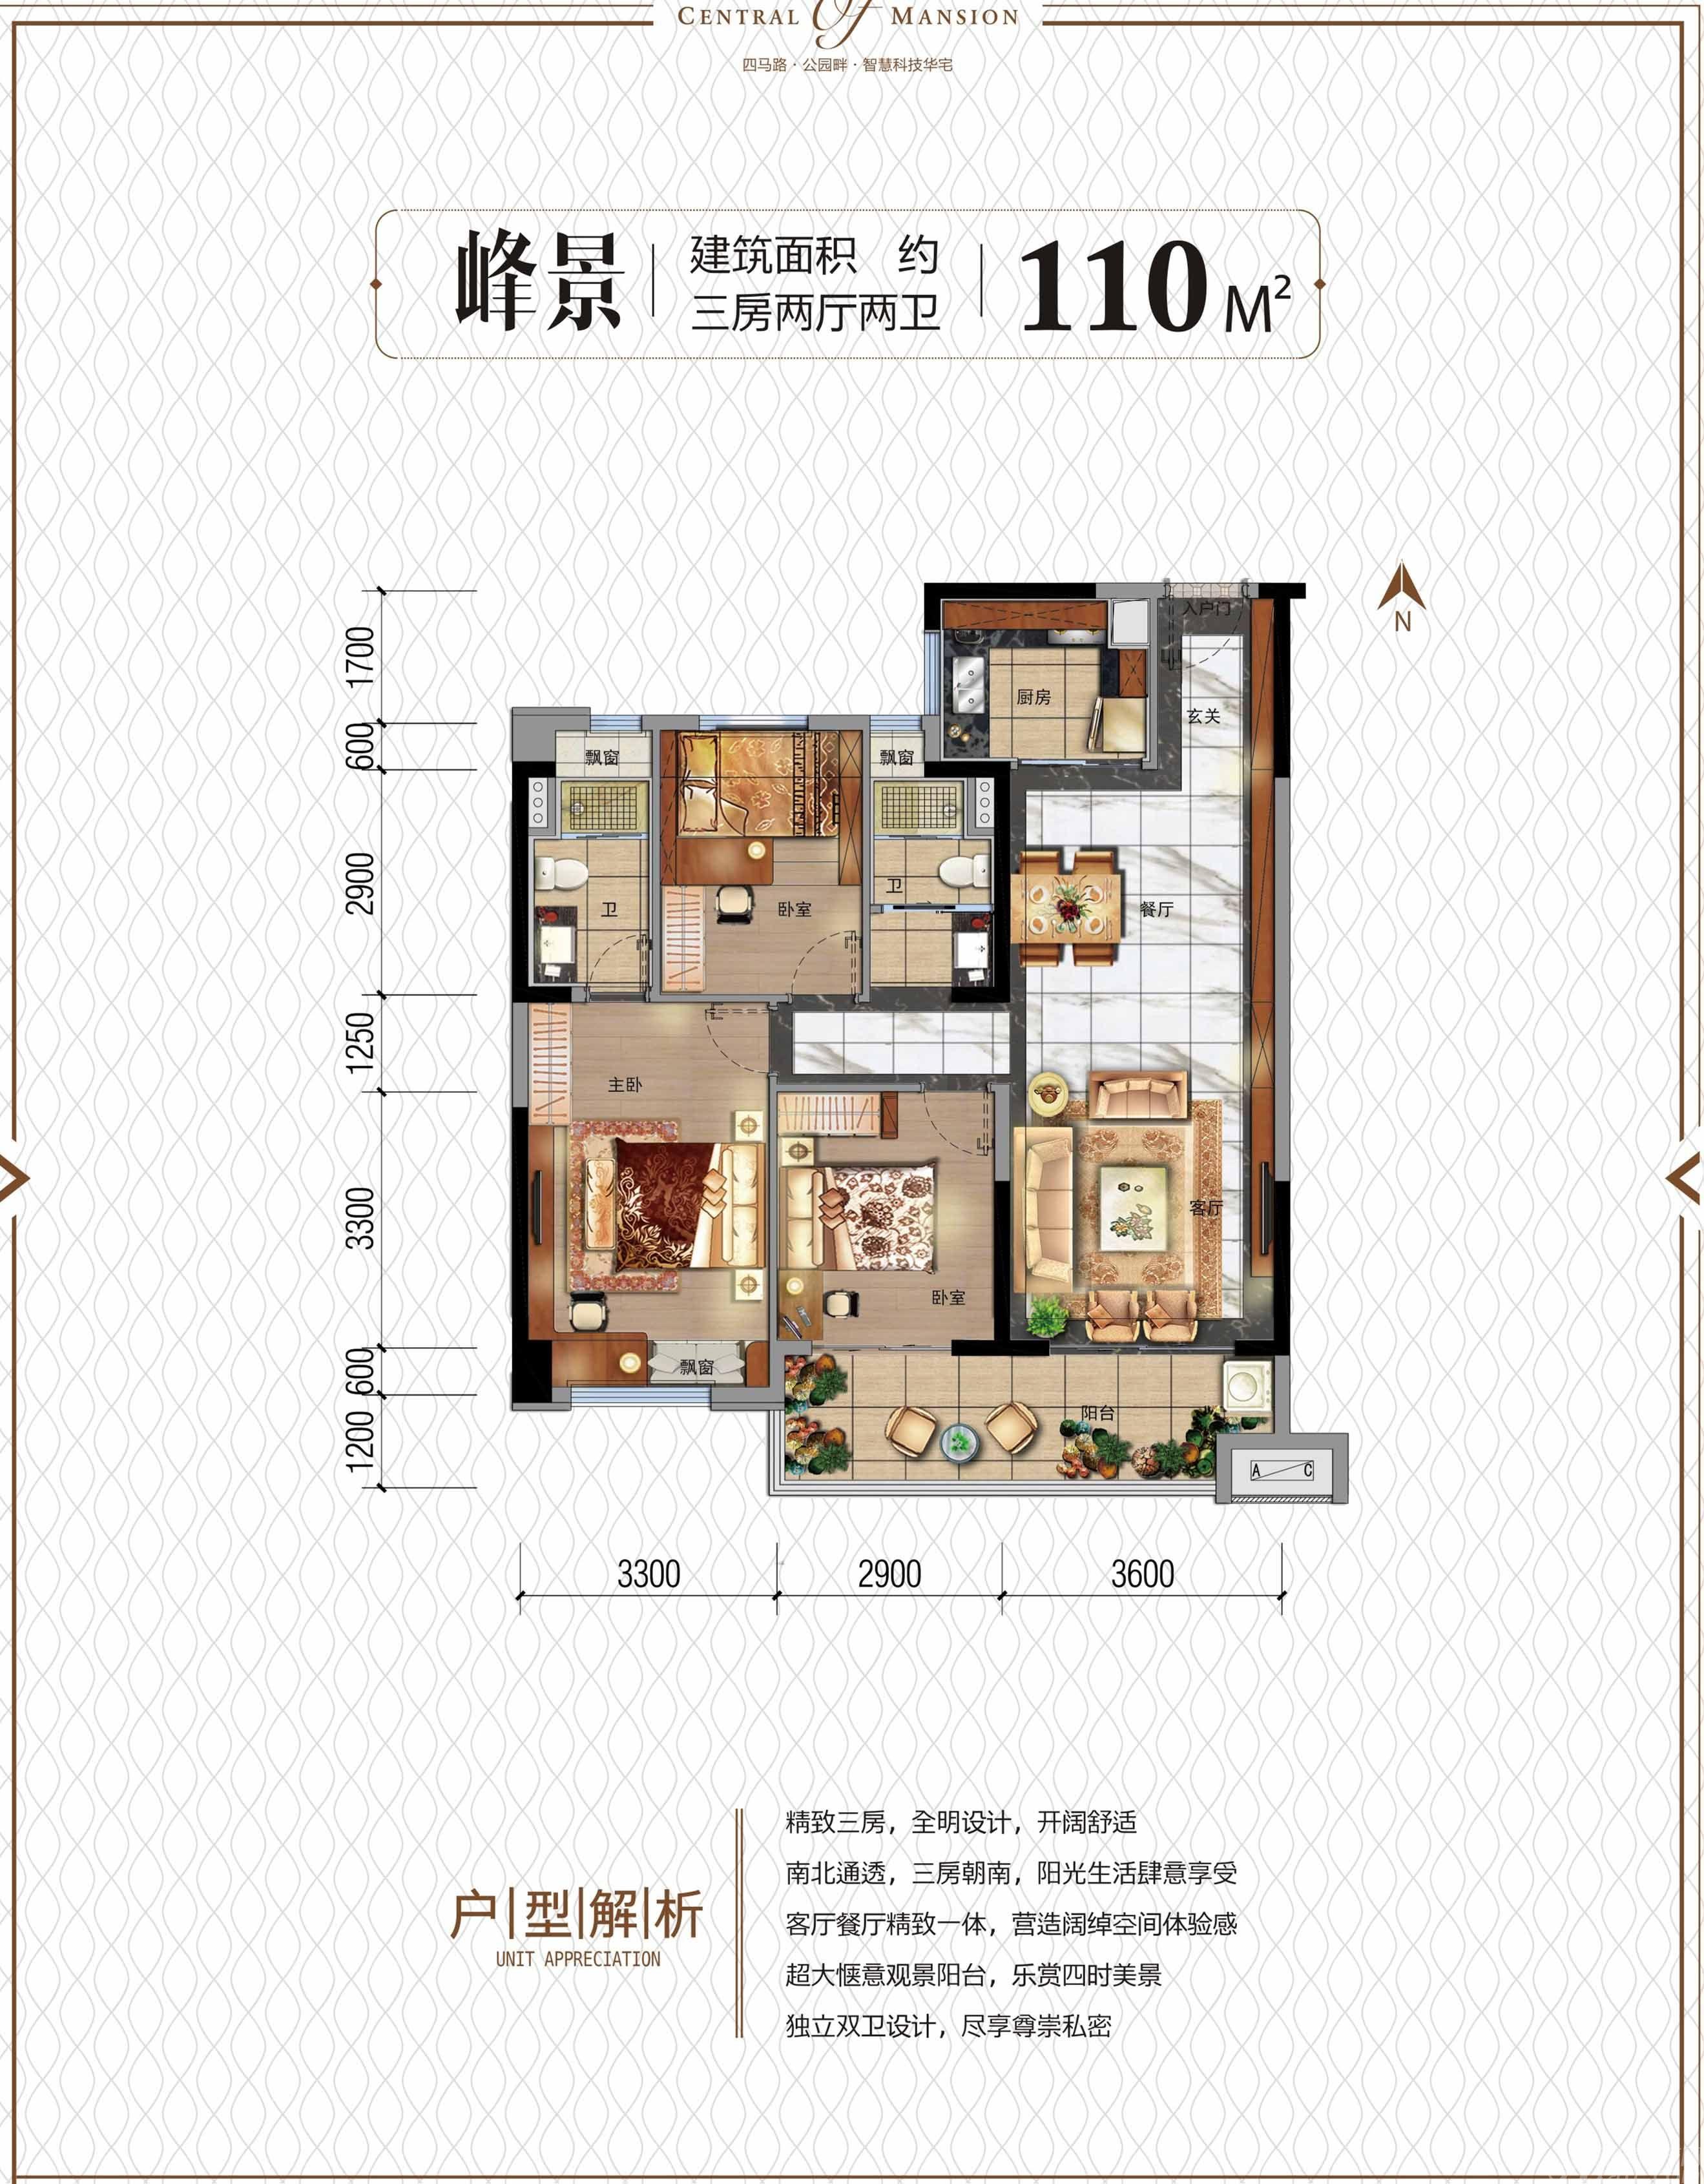 碧桂园天玺峰景3室2厅110平米